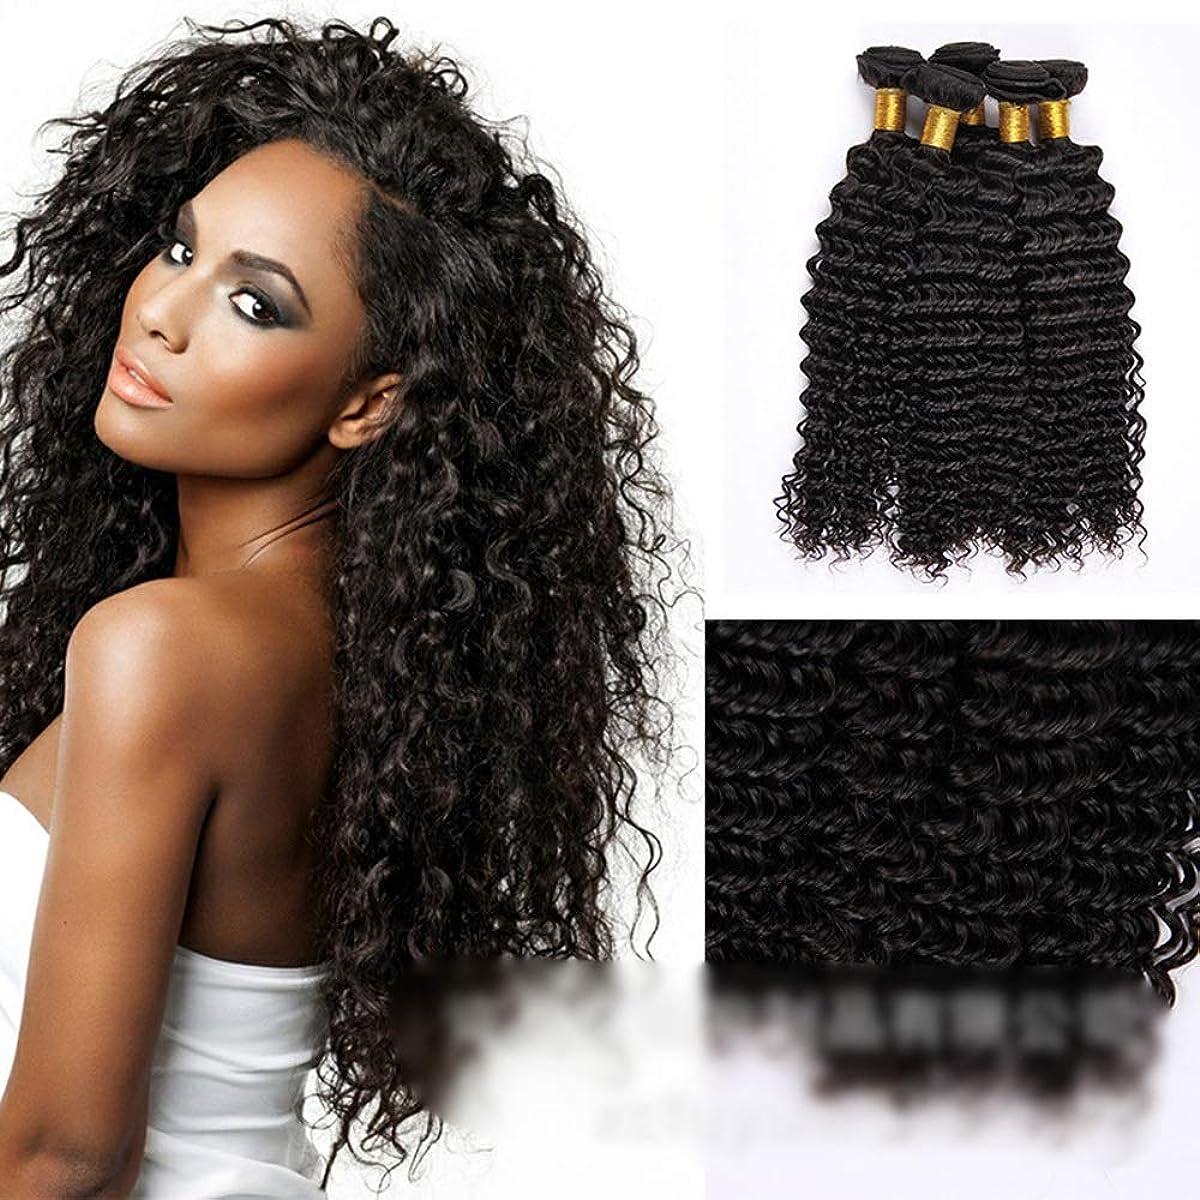 忠実な問い合わせる小売HOHYLLYA ブラジルの深い巻き毛の束100%未処理の人間の髪の毛の織り方自然な黒色の髪の拡張子(1バンドル、10